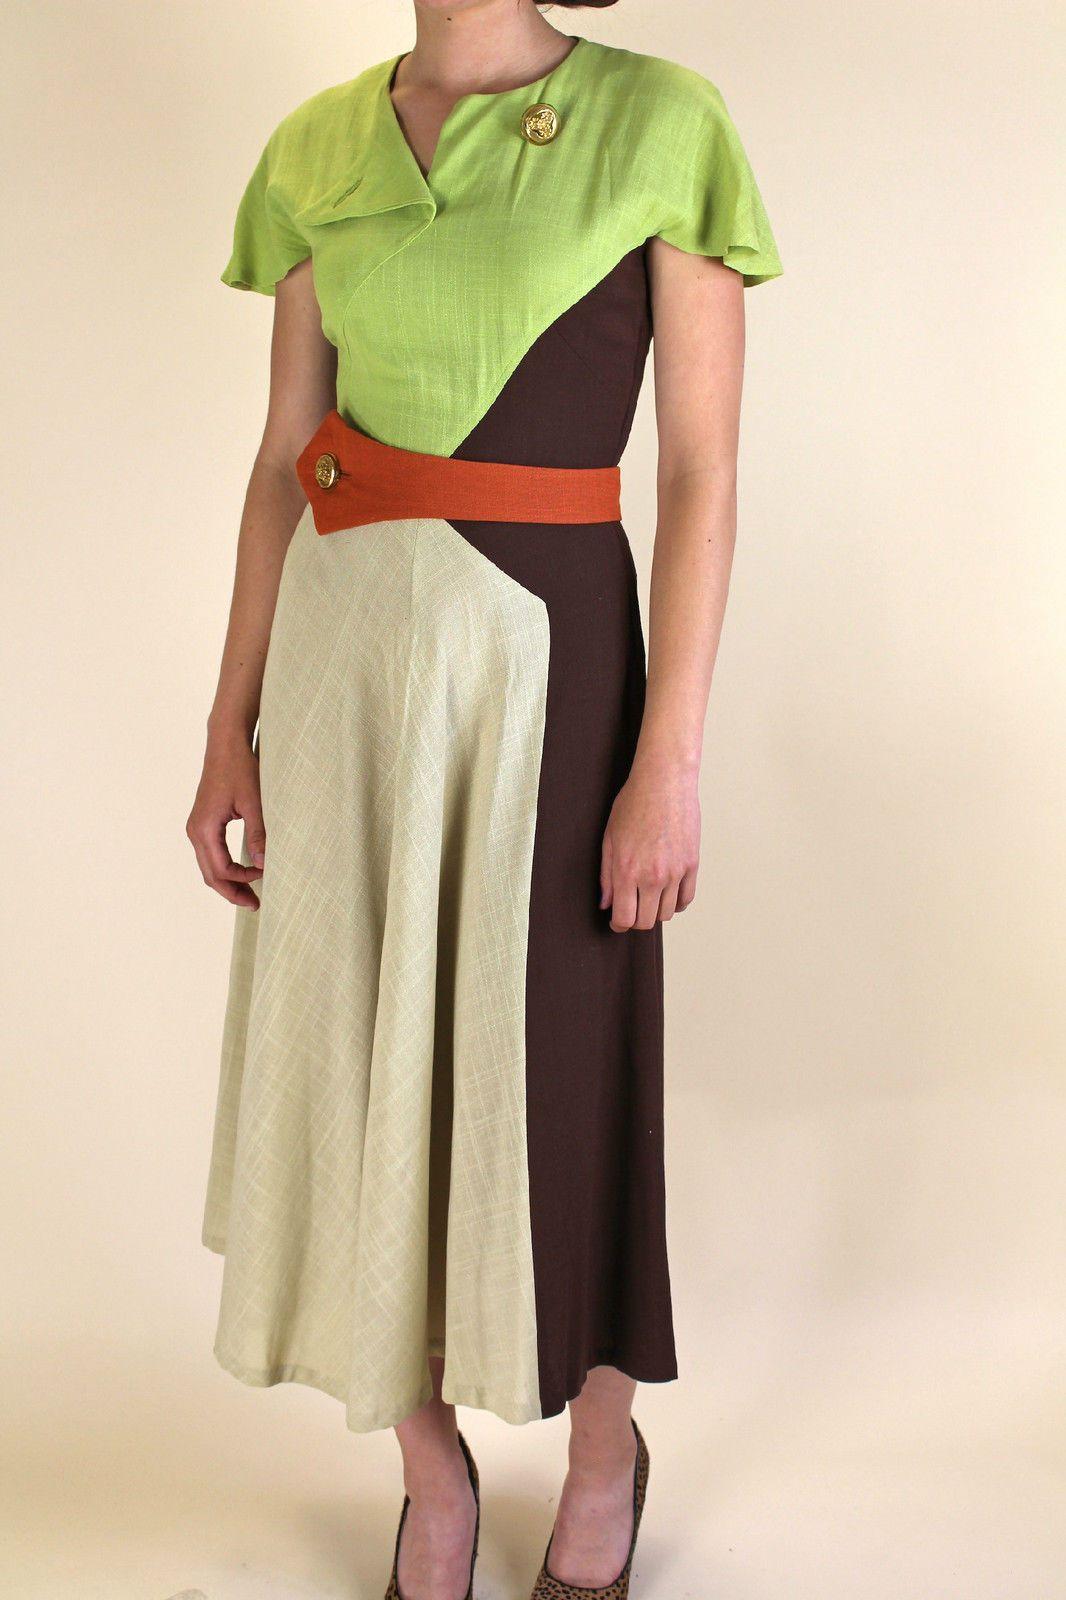 Vintage 1940s Color Block Swag Dress